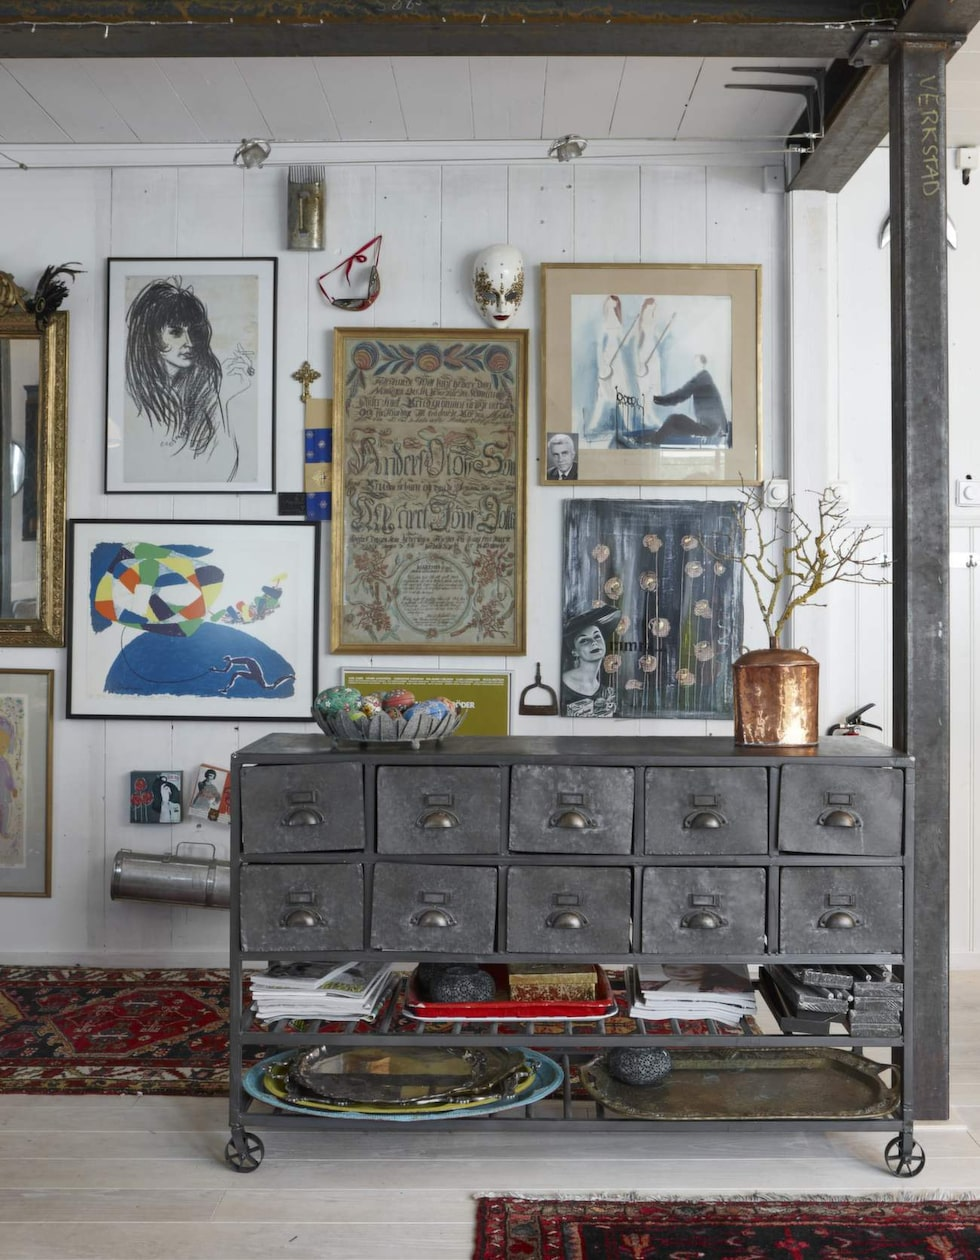 Efter ombyggnaden samlade Karin och René allt som satt på väggarna på en vägg. Byrån i metall är nytillverkad i gammal stil och matchar järnbalkarna perfekt.